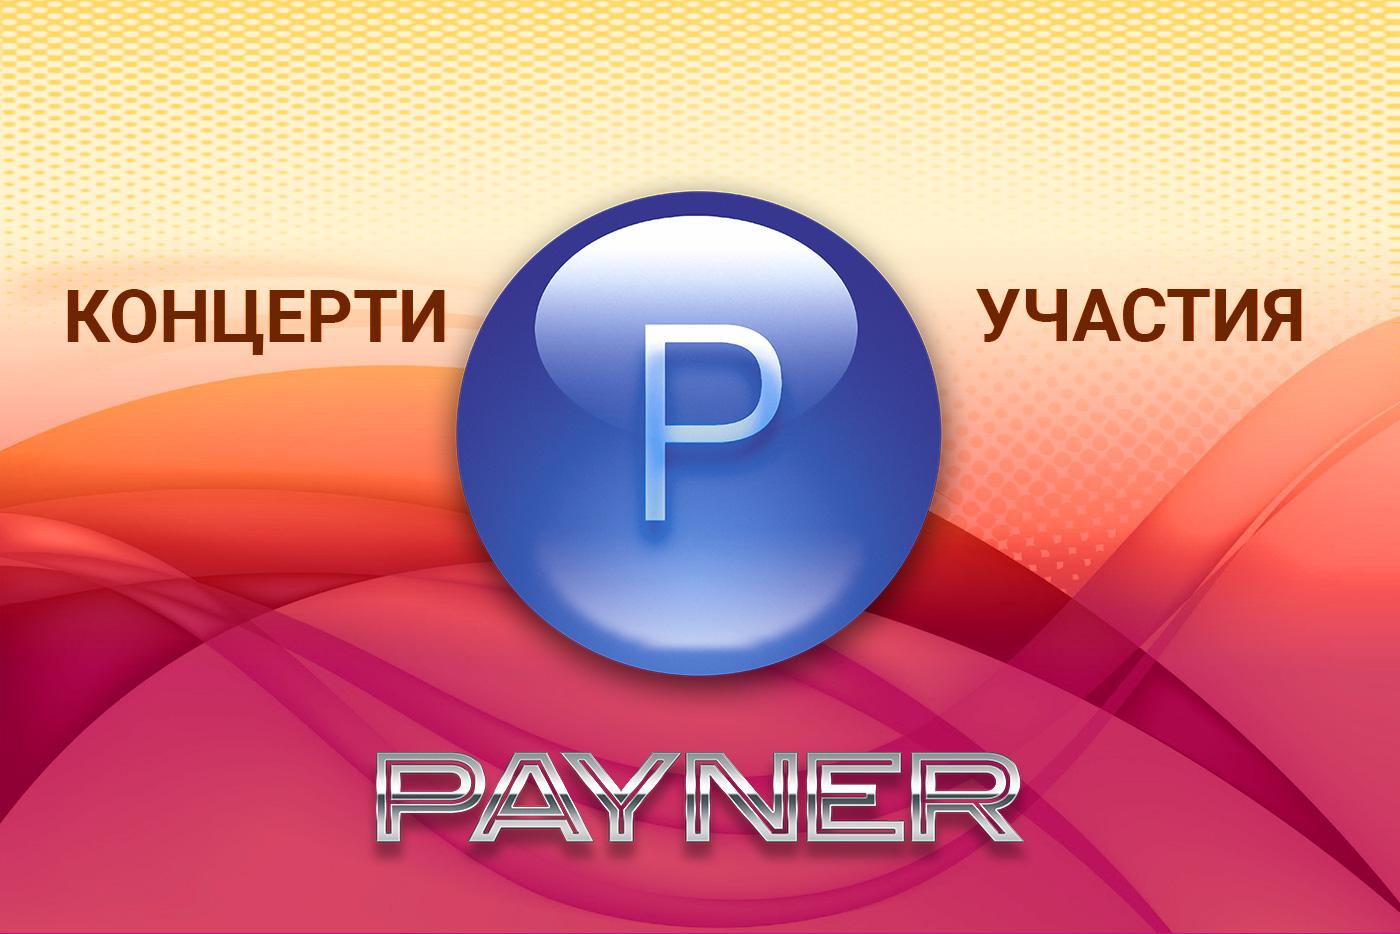 """Участия на звездите на """"Пайнер"""" на 01.12.2018"""